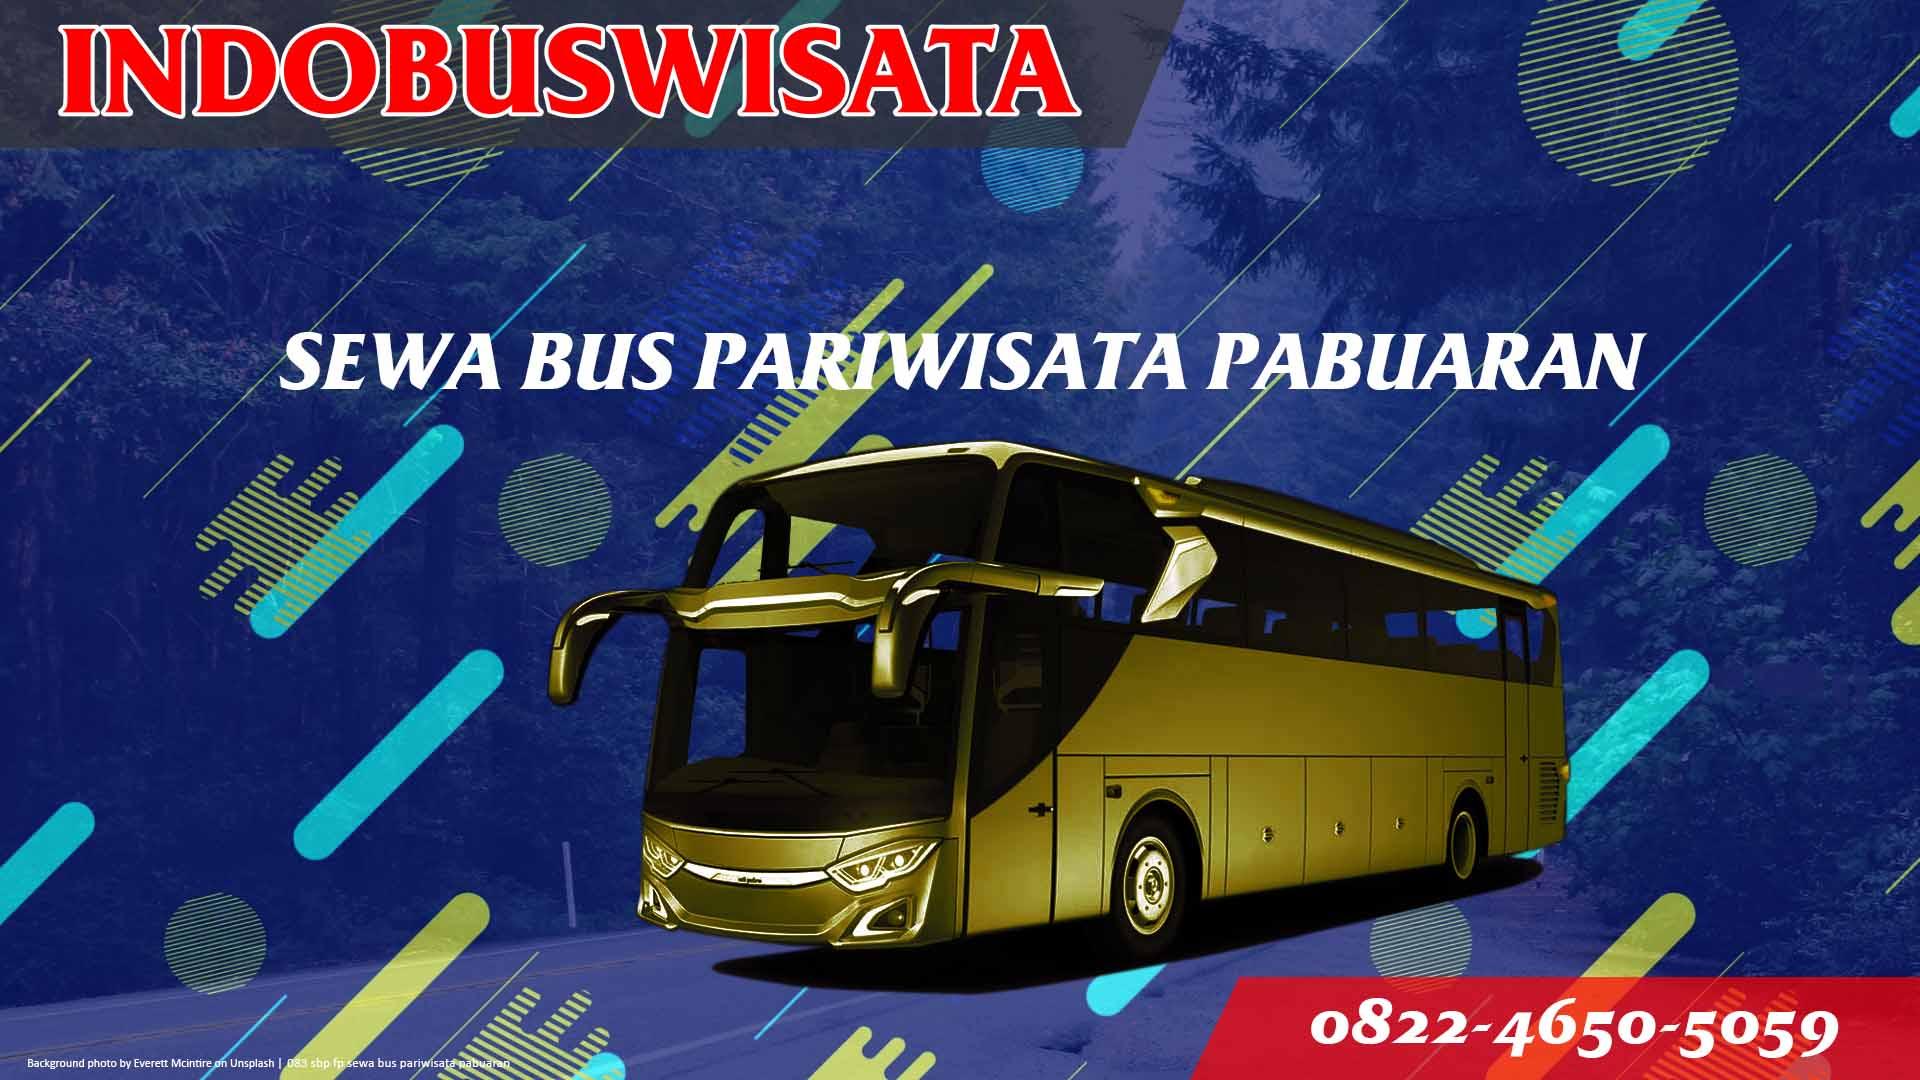 083 Sbp Fp Sewa Bus Pariwisata Pabuaran Indobuswisata